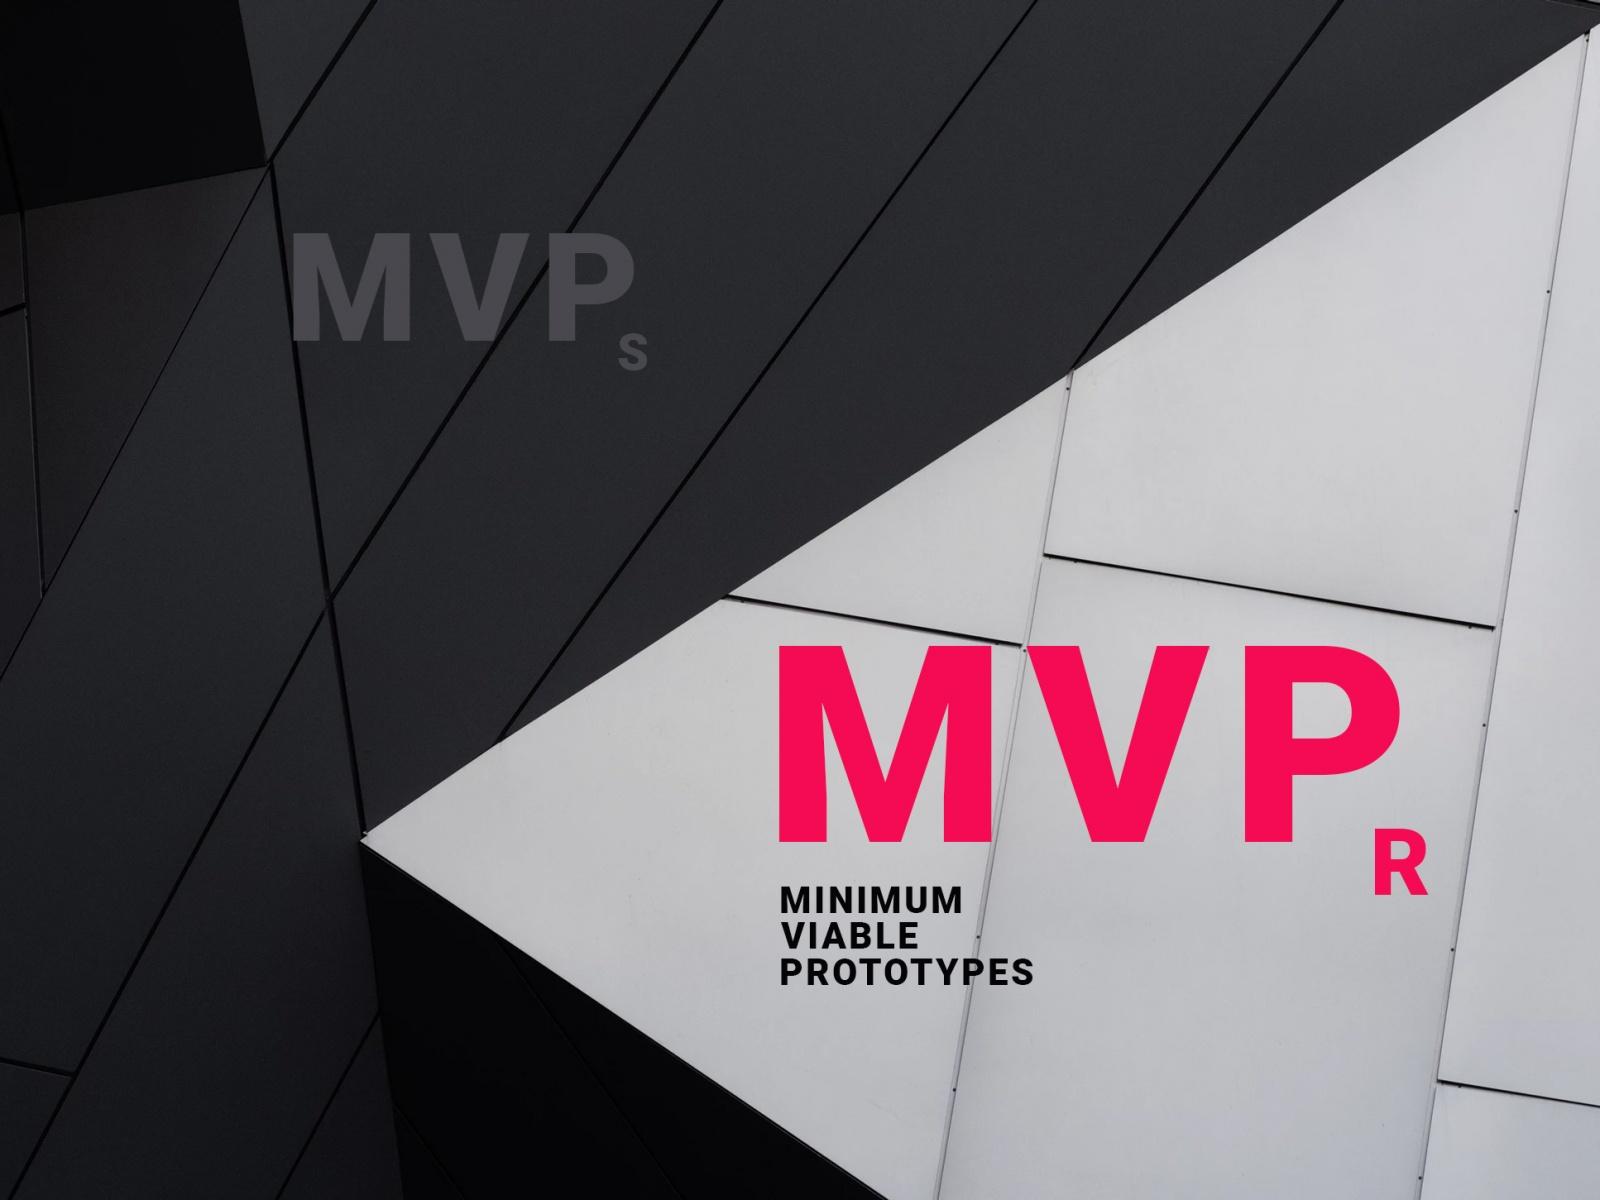 В топку MVPs, внедряем MVPr (минимальный жизнеспособный прототип) - 1